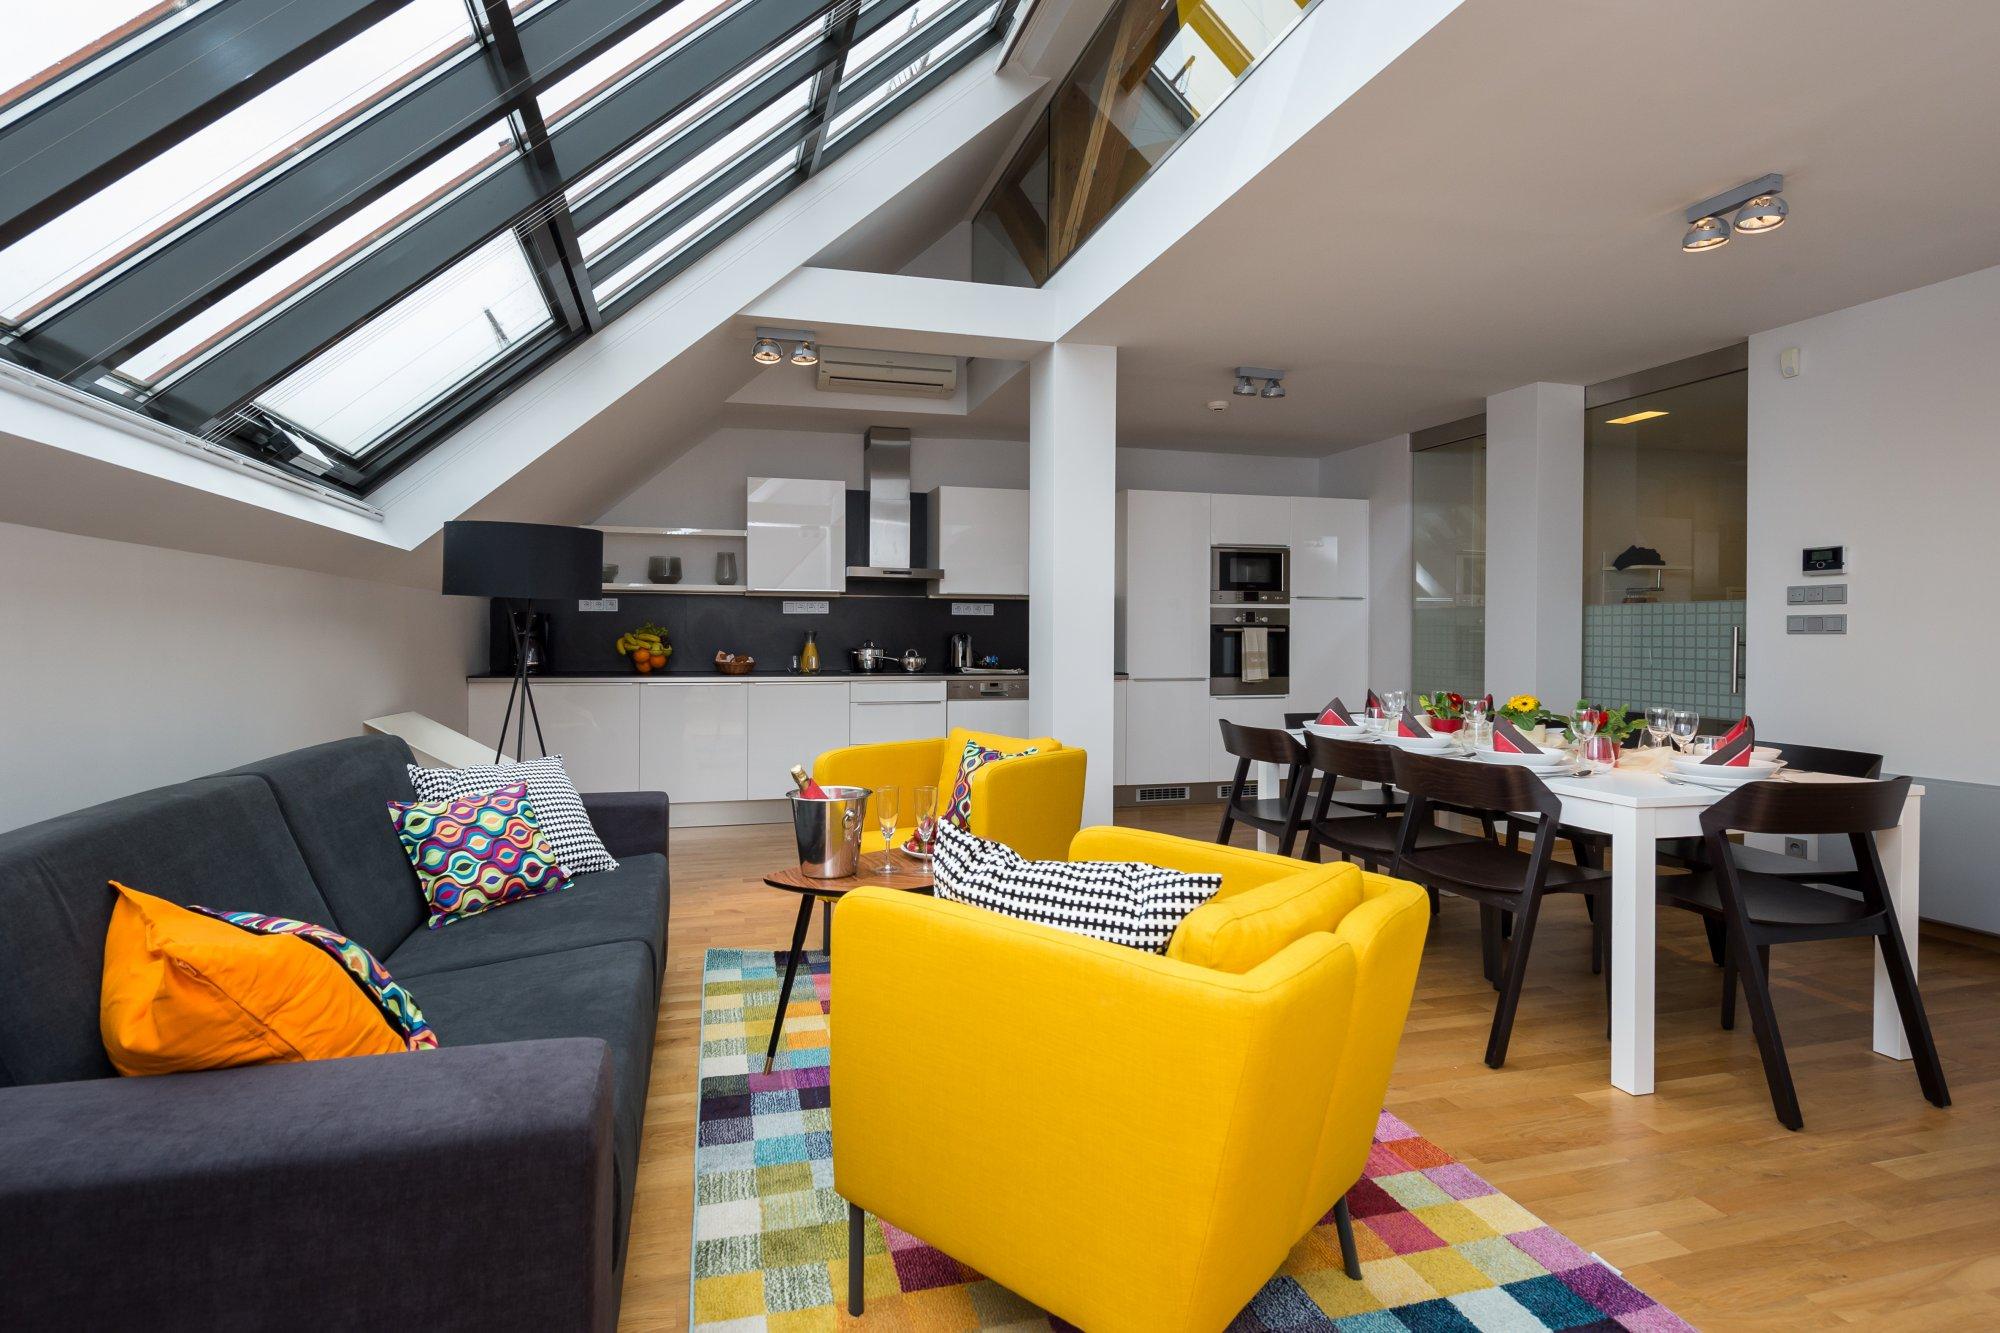 Půdní byt 4+kk, plocha 143 m², ulice Růžová, Praha 1 - Nové Město | 1